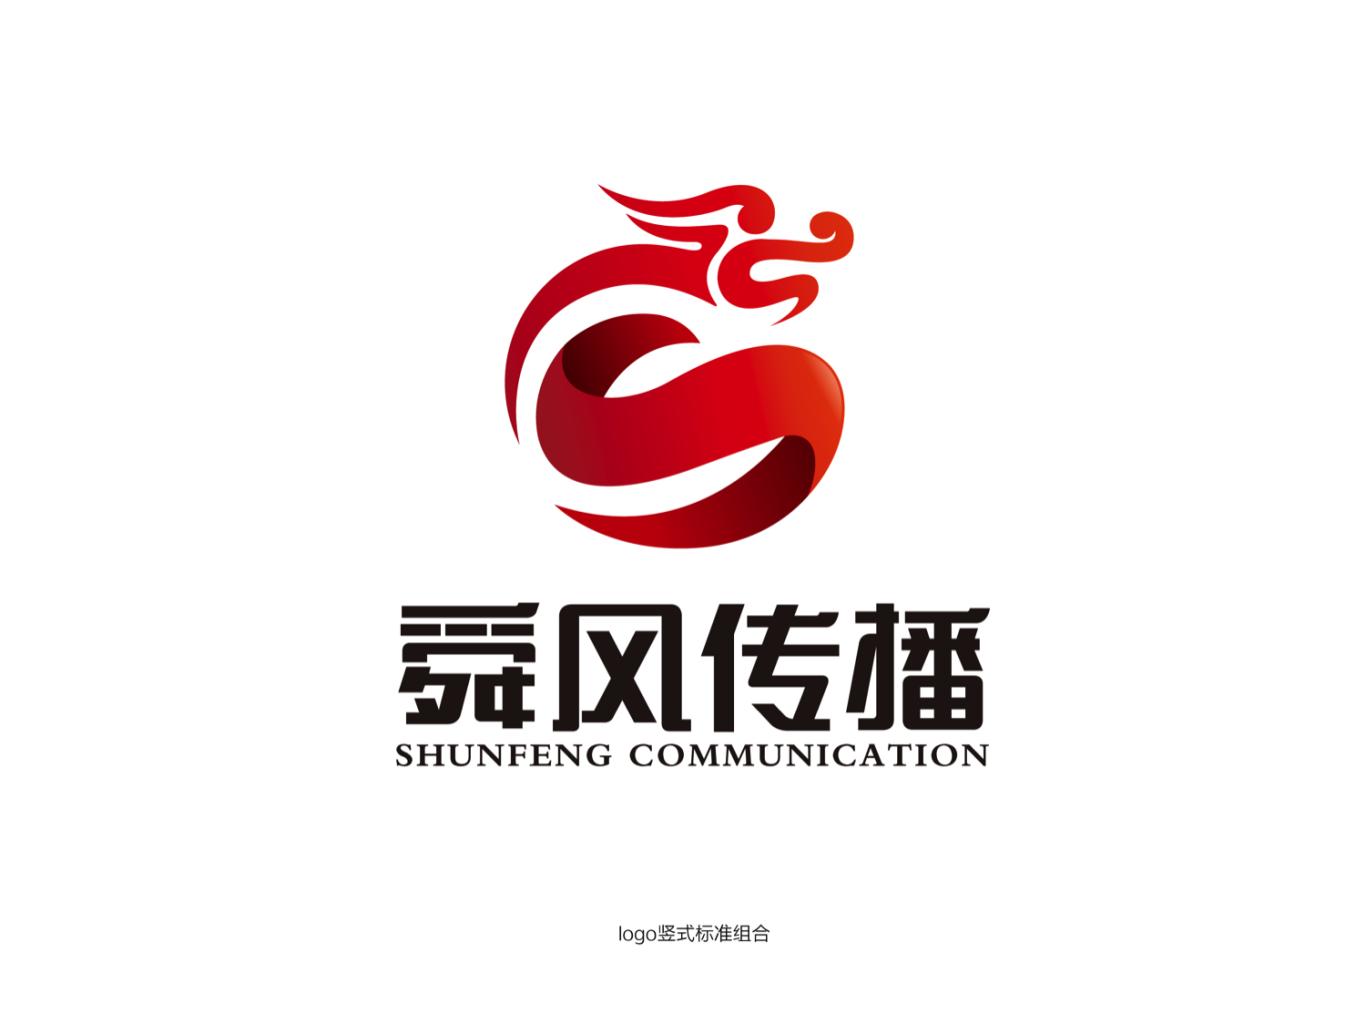 舜风传播 品牌logo设计图1